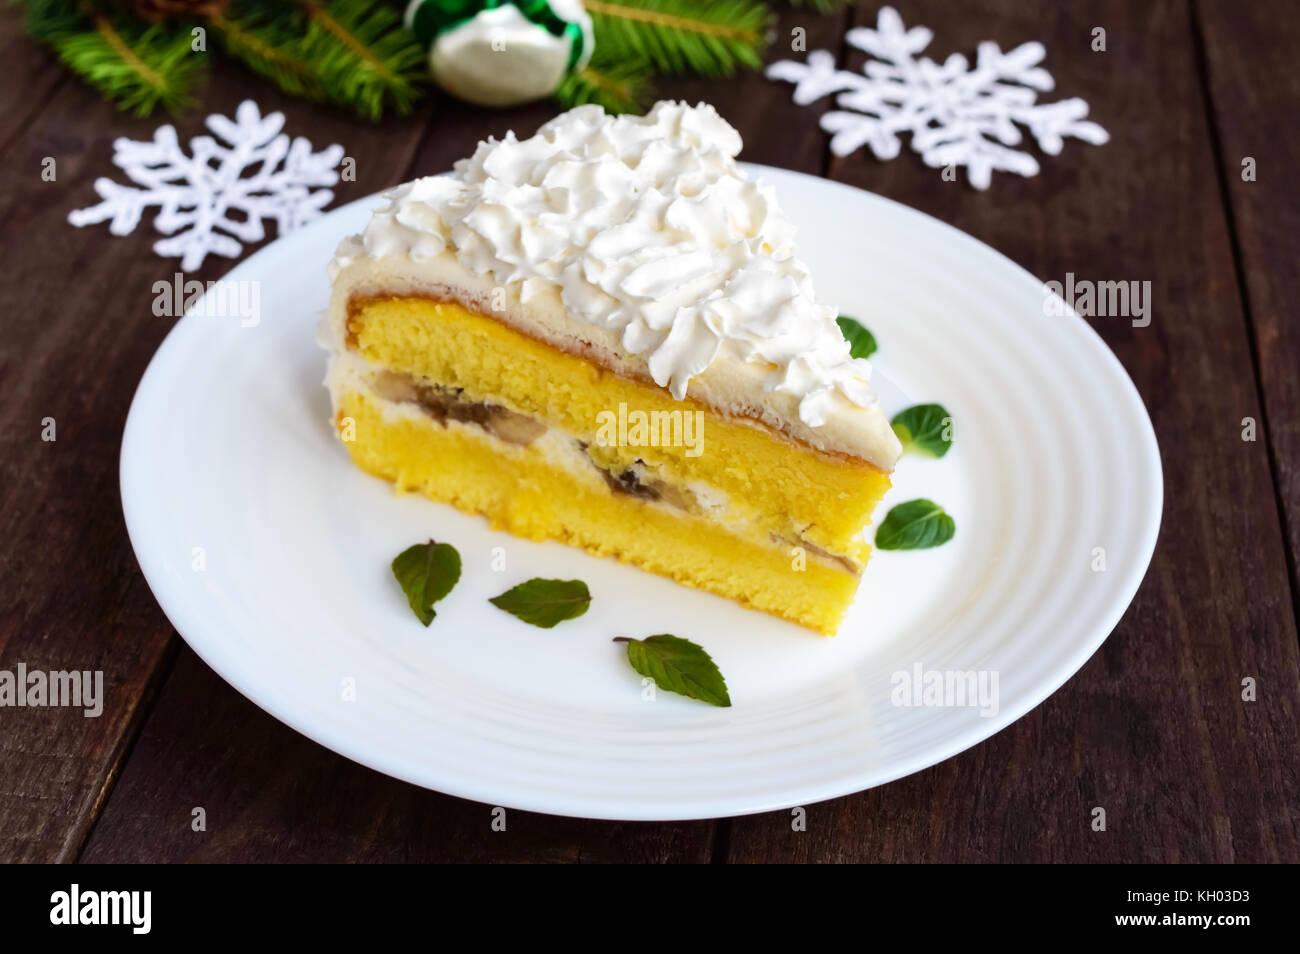 Ein Grosses Stuck Feine Kuchen Dekorieren Luft Creme Festliches